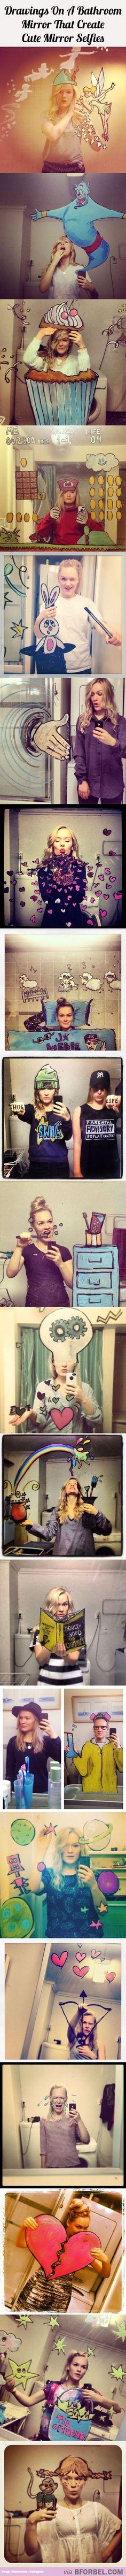 21 Drawings On A Bathroom Mirror That Create Cute Mirror Selfies…